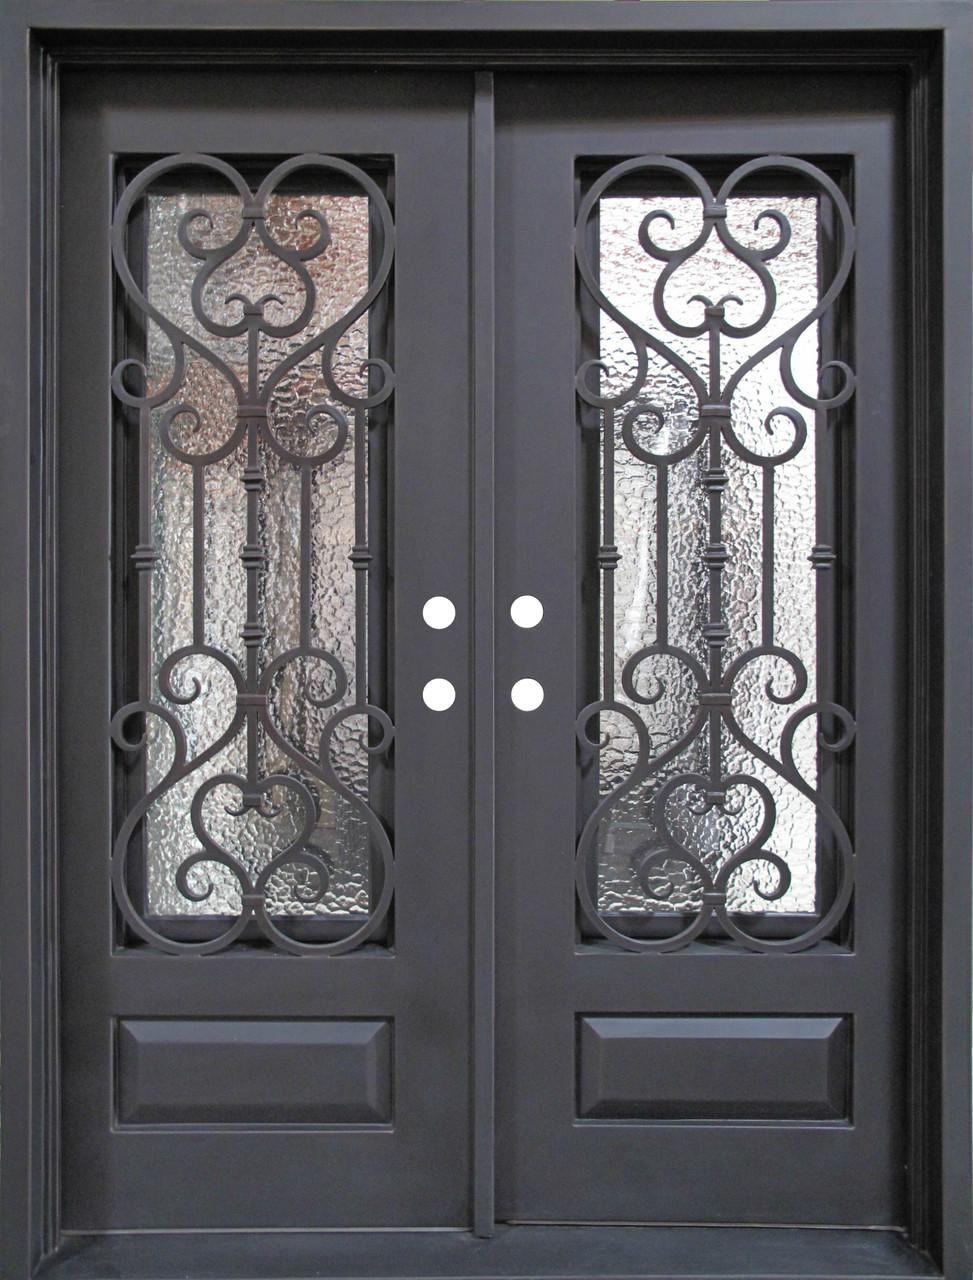 Wrought Iron Door Doors W Iron Works Oper Able Glass